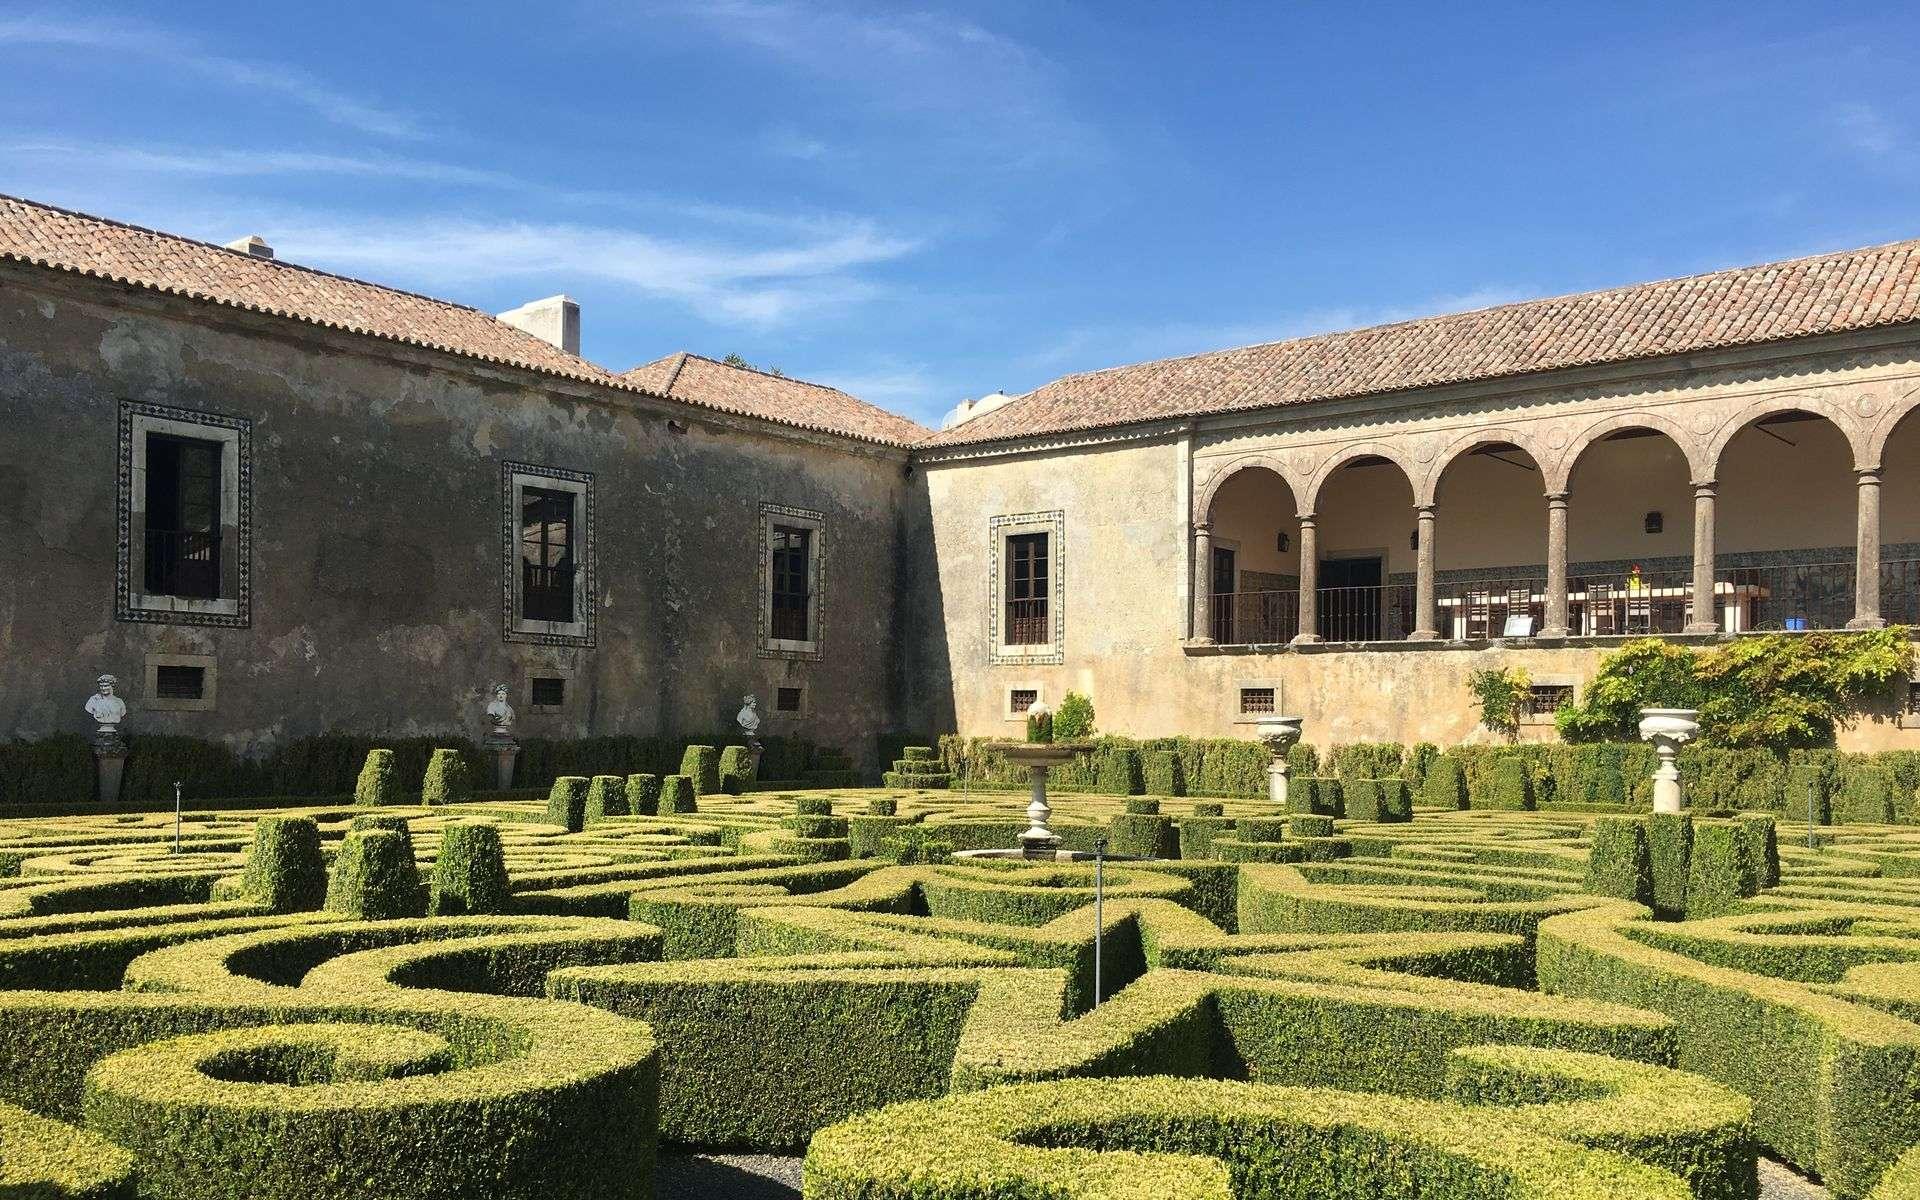 Palacio-Bacalhoa-Azeitao